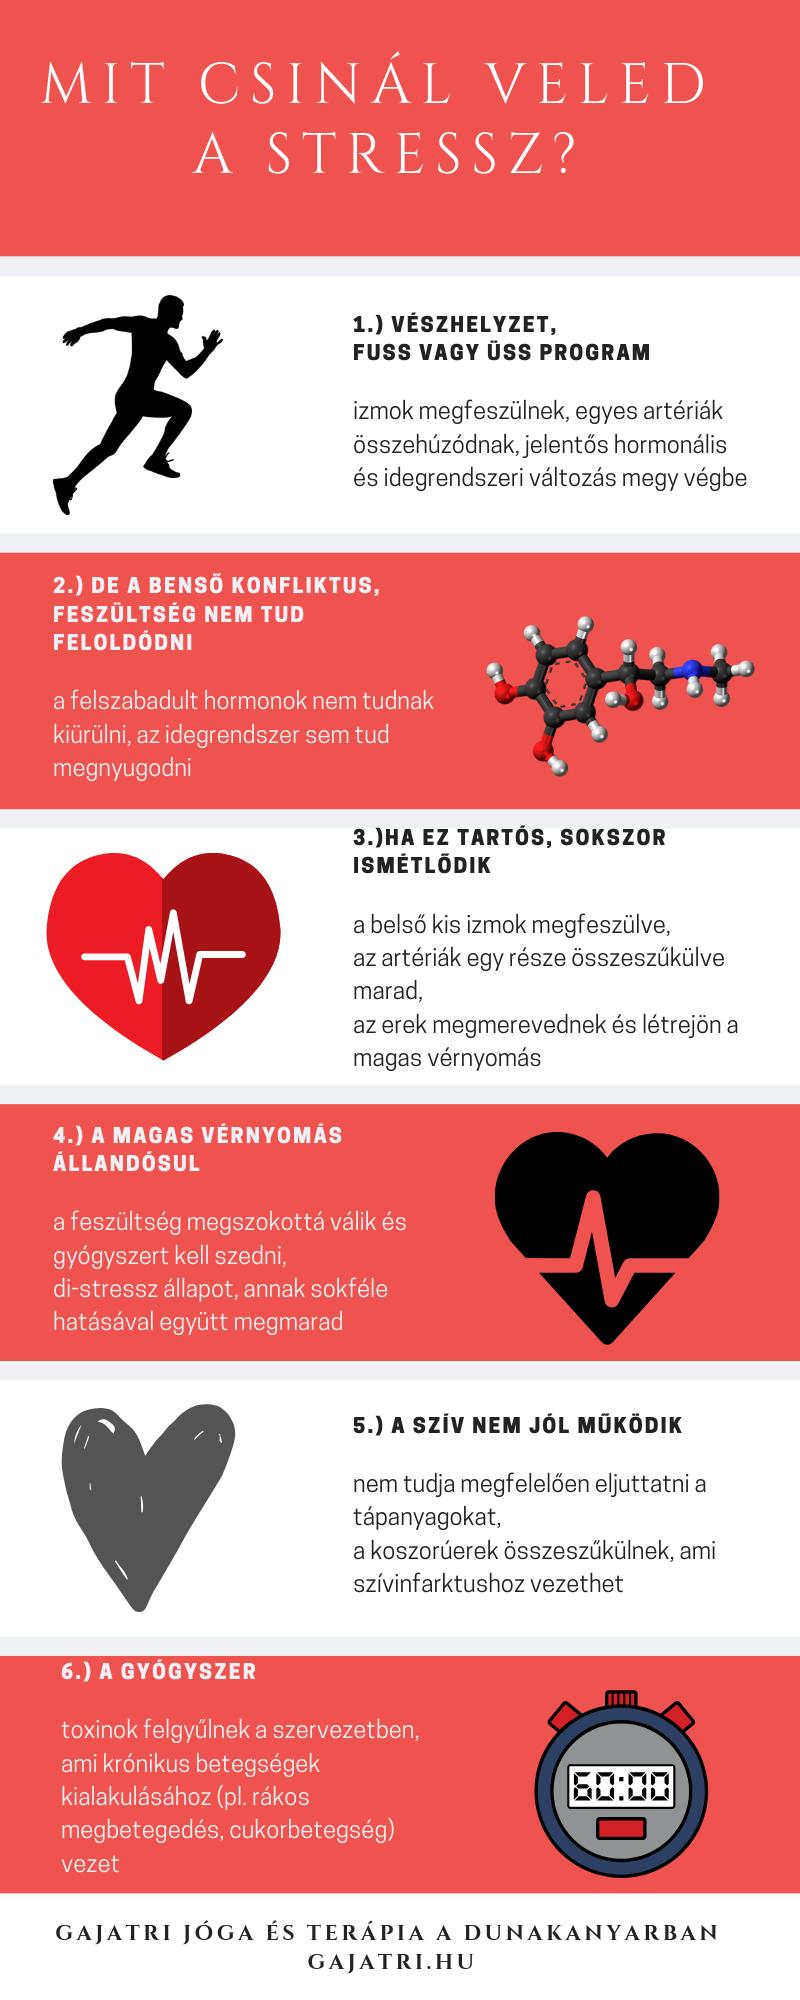 stressz és magas vérnyomás)